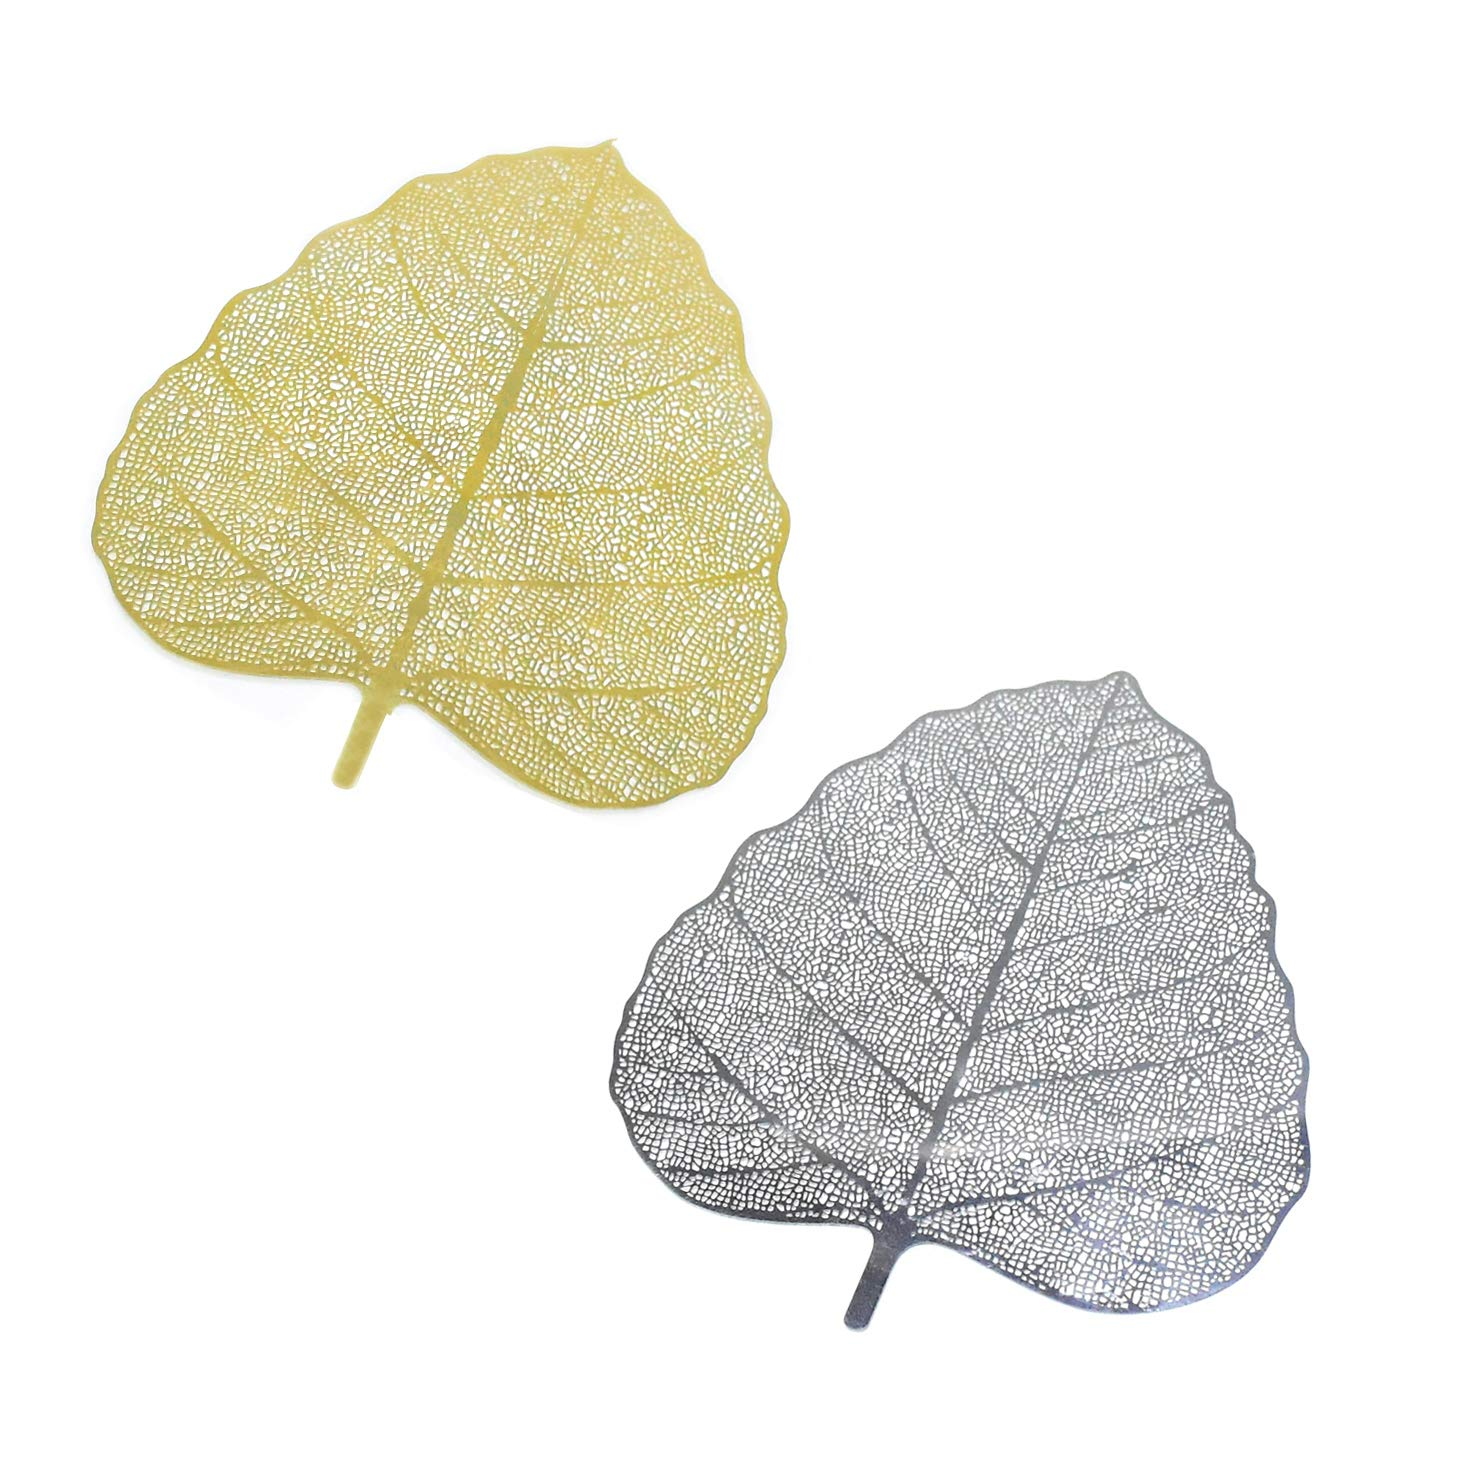 Tea Filter Bodhi Leaf 2 PCS Tea Infuser Reusable Strainer Loose Tea Leaf Spice Filter Creative Net Kongfu Tea Accessory